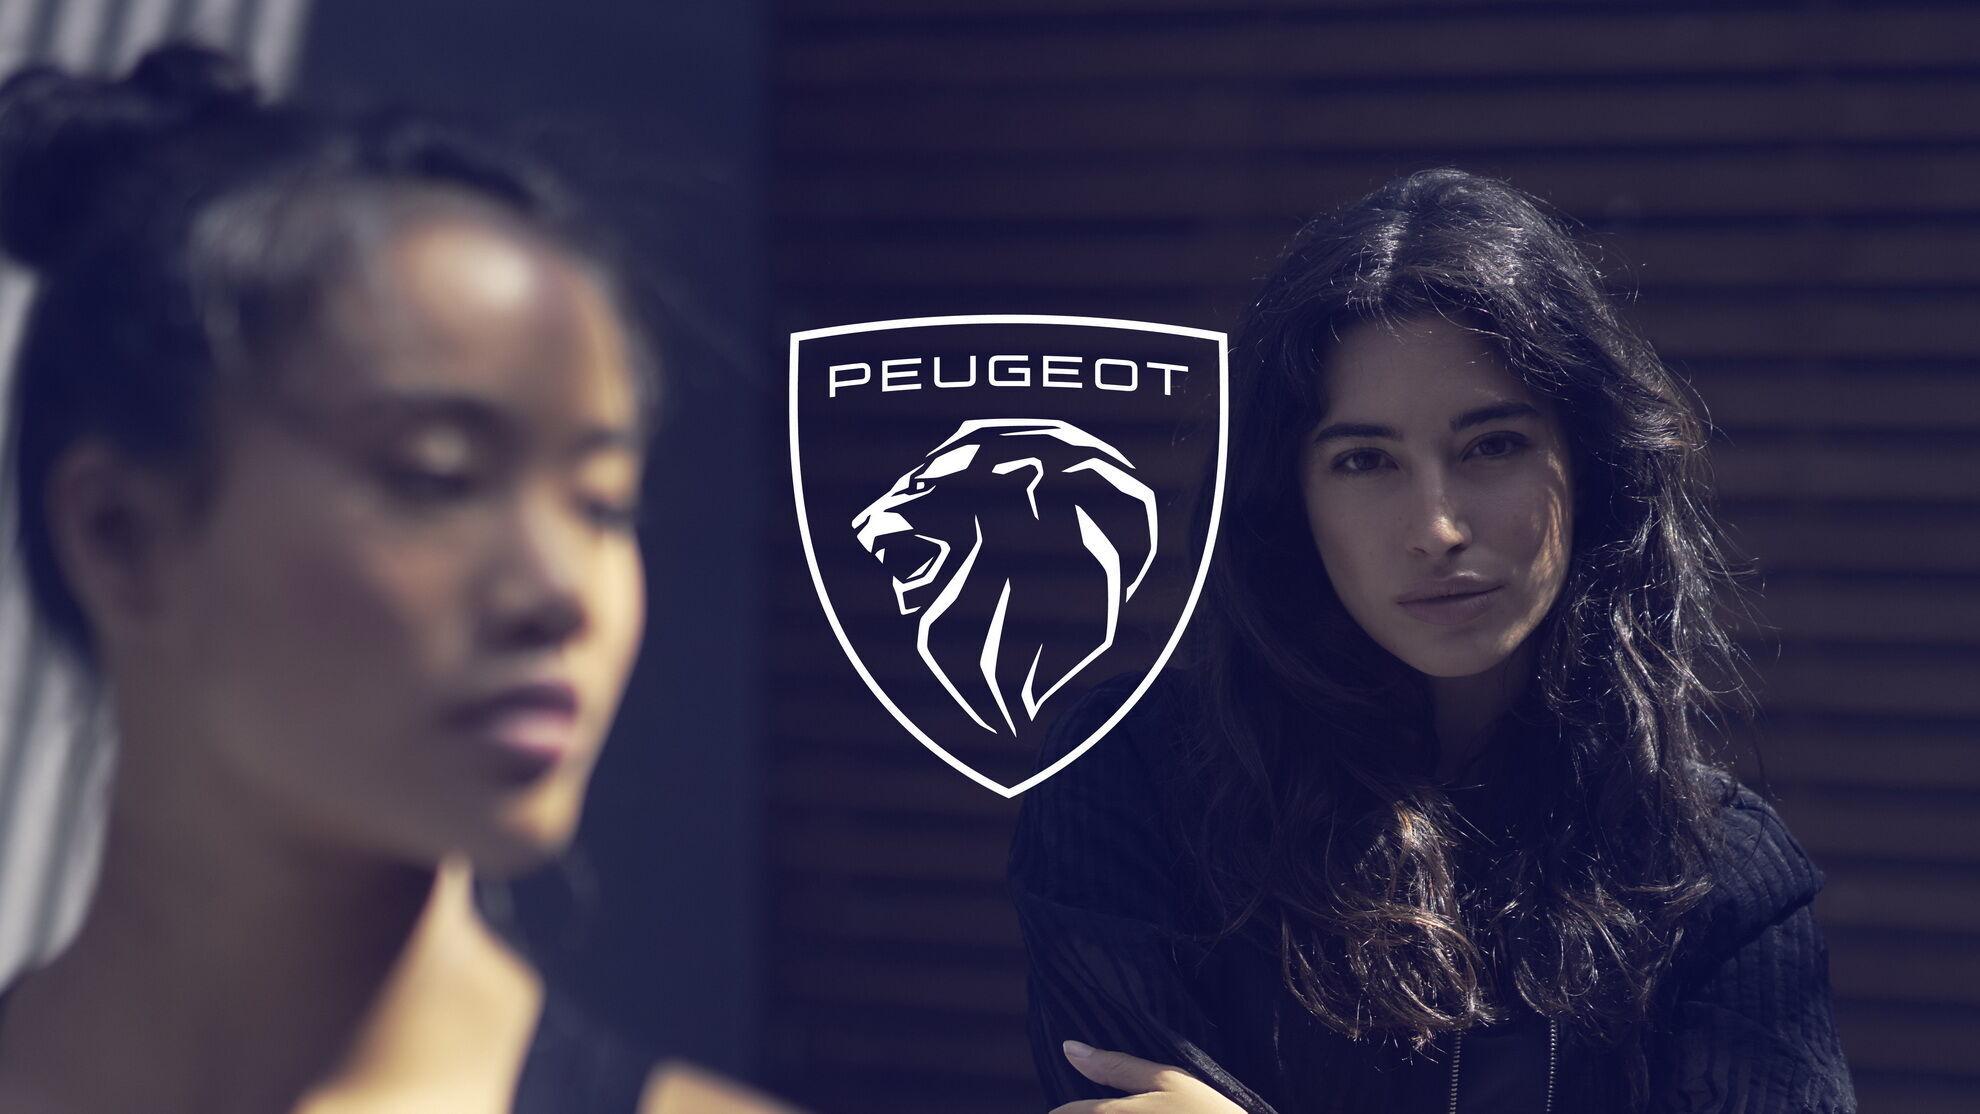 За багаторічну історію компанії логотип Peugeot змінювався десять разів, однак центральною фігурою завжди залишався лев